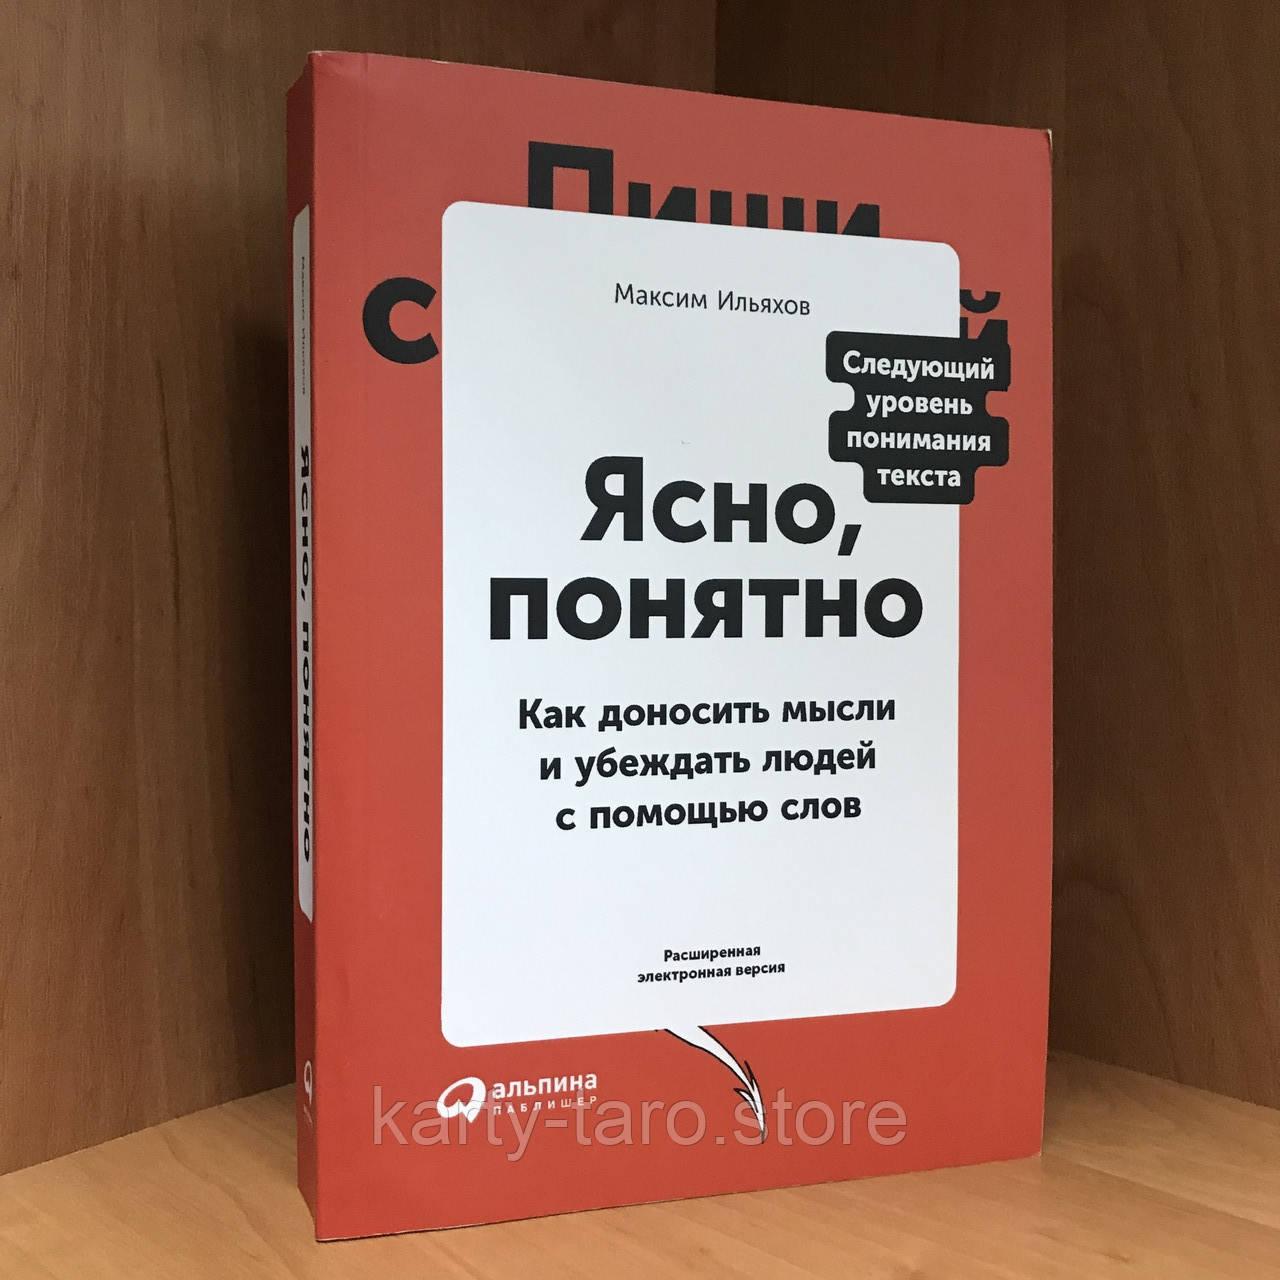 Книга Ясно, понятно Как доносить мысли и убеждать людей с помощью слов - Максим Ильяхов